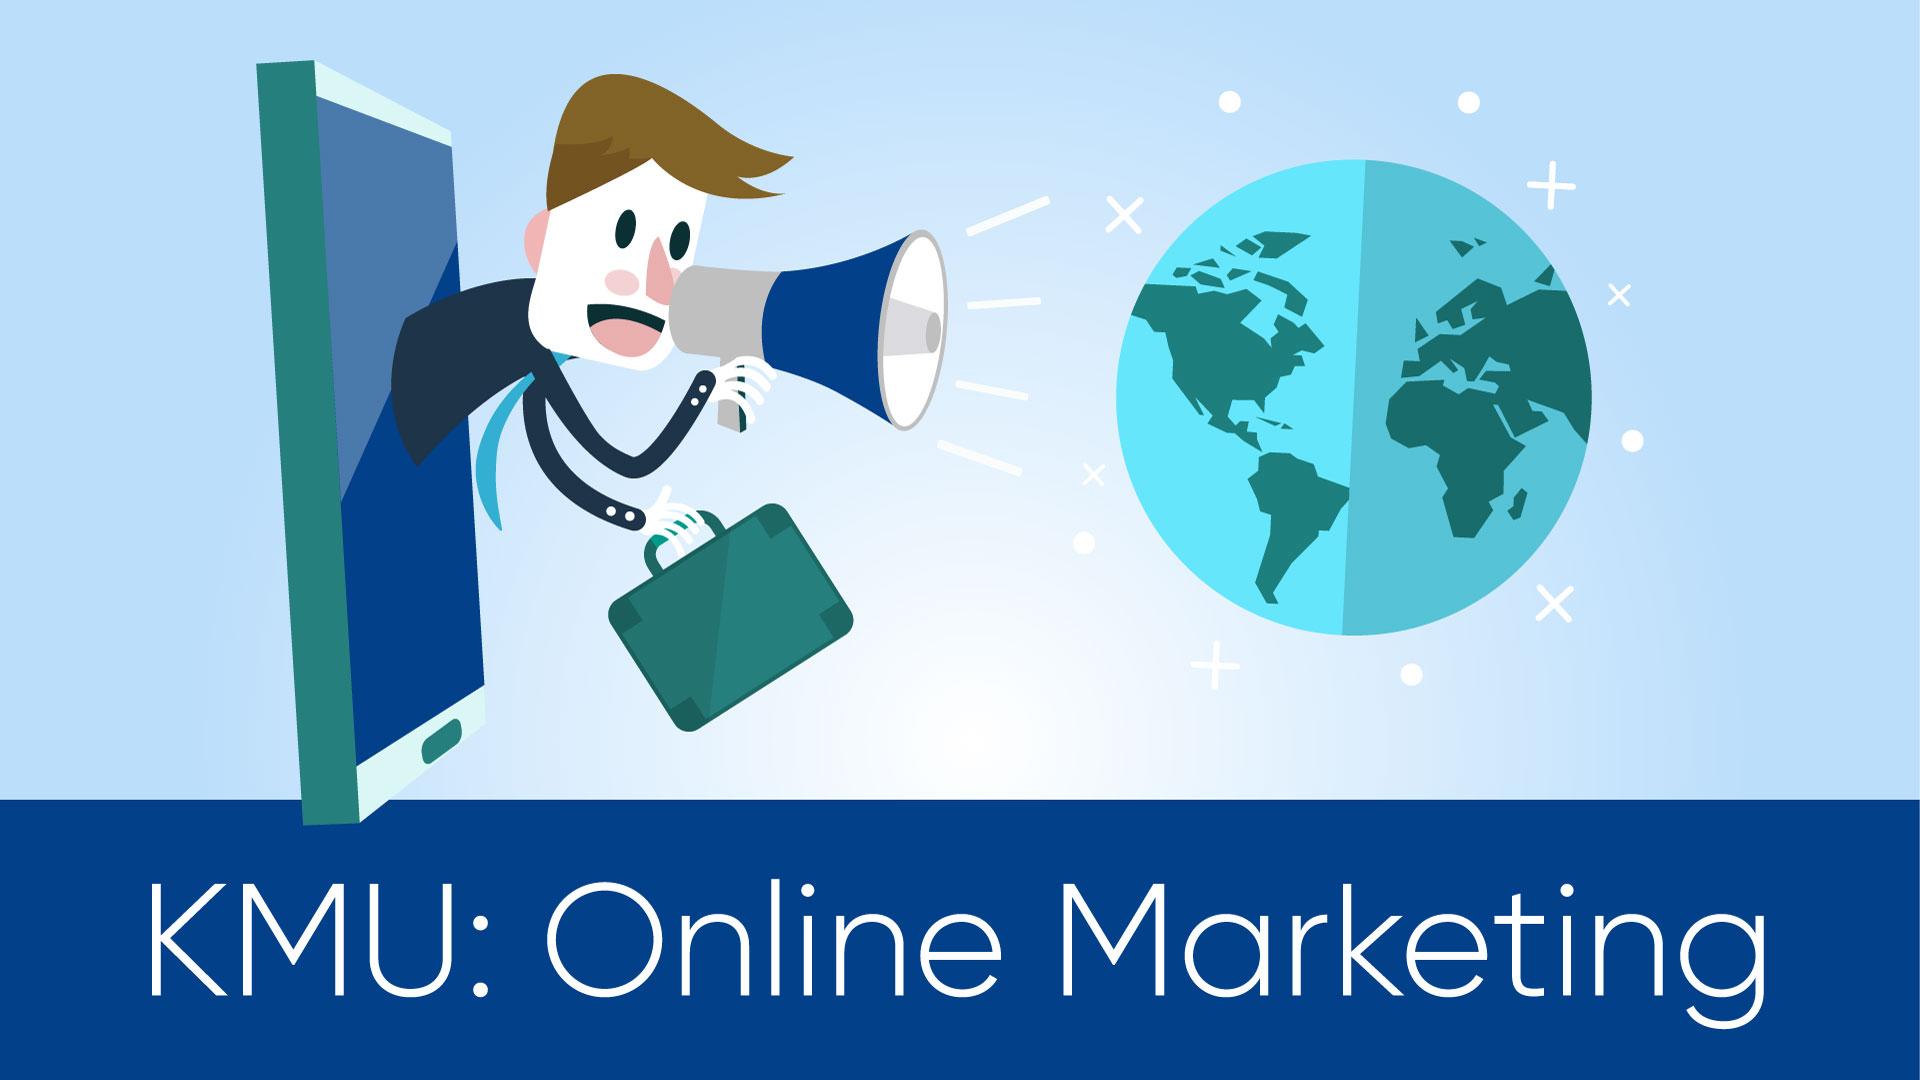 7 Tipps für einen erfolgreichen Start ins Online Marketing als kleines Unternehmen